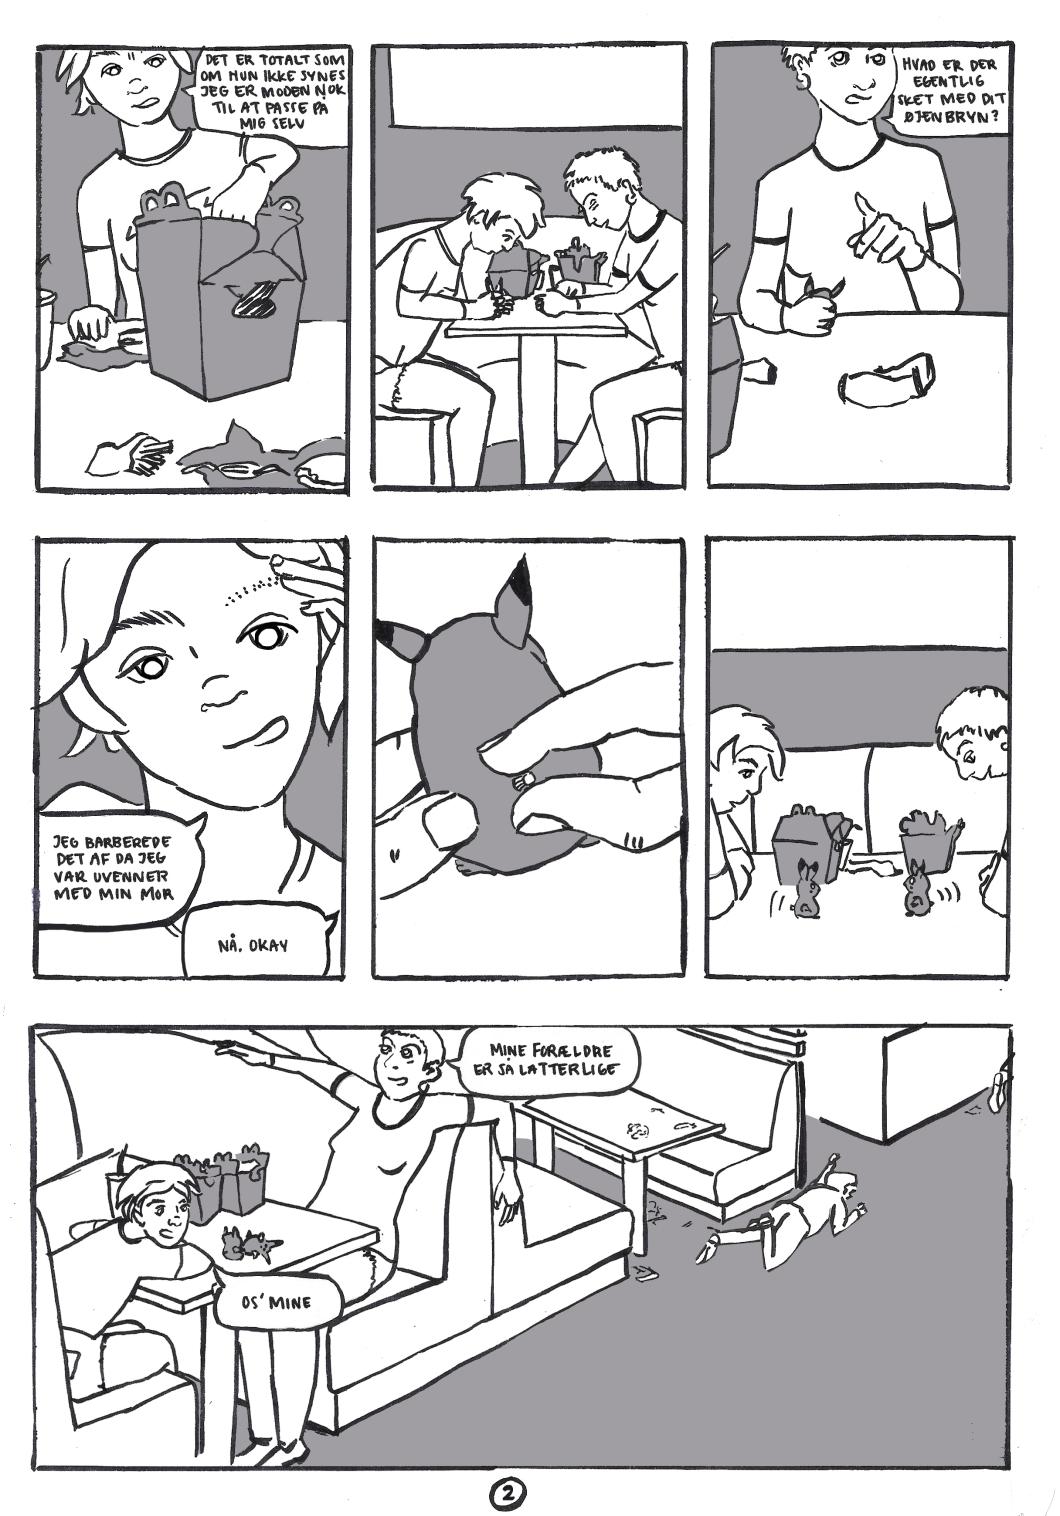 børnside2